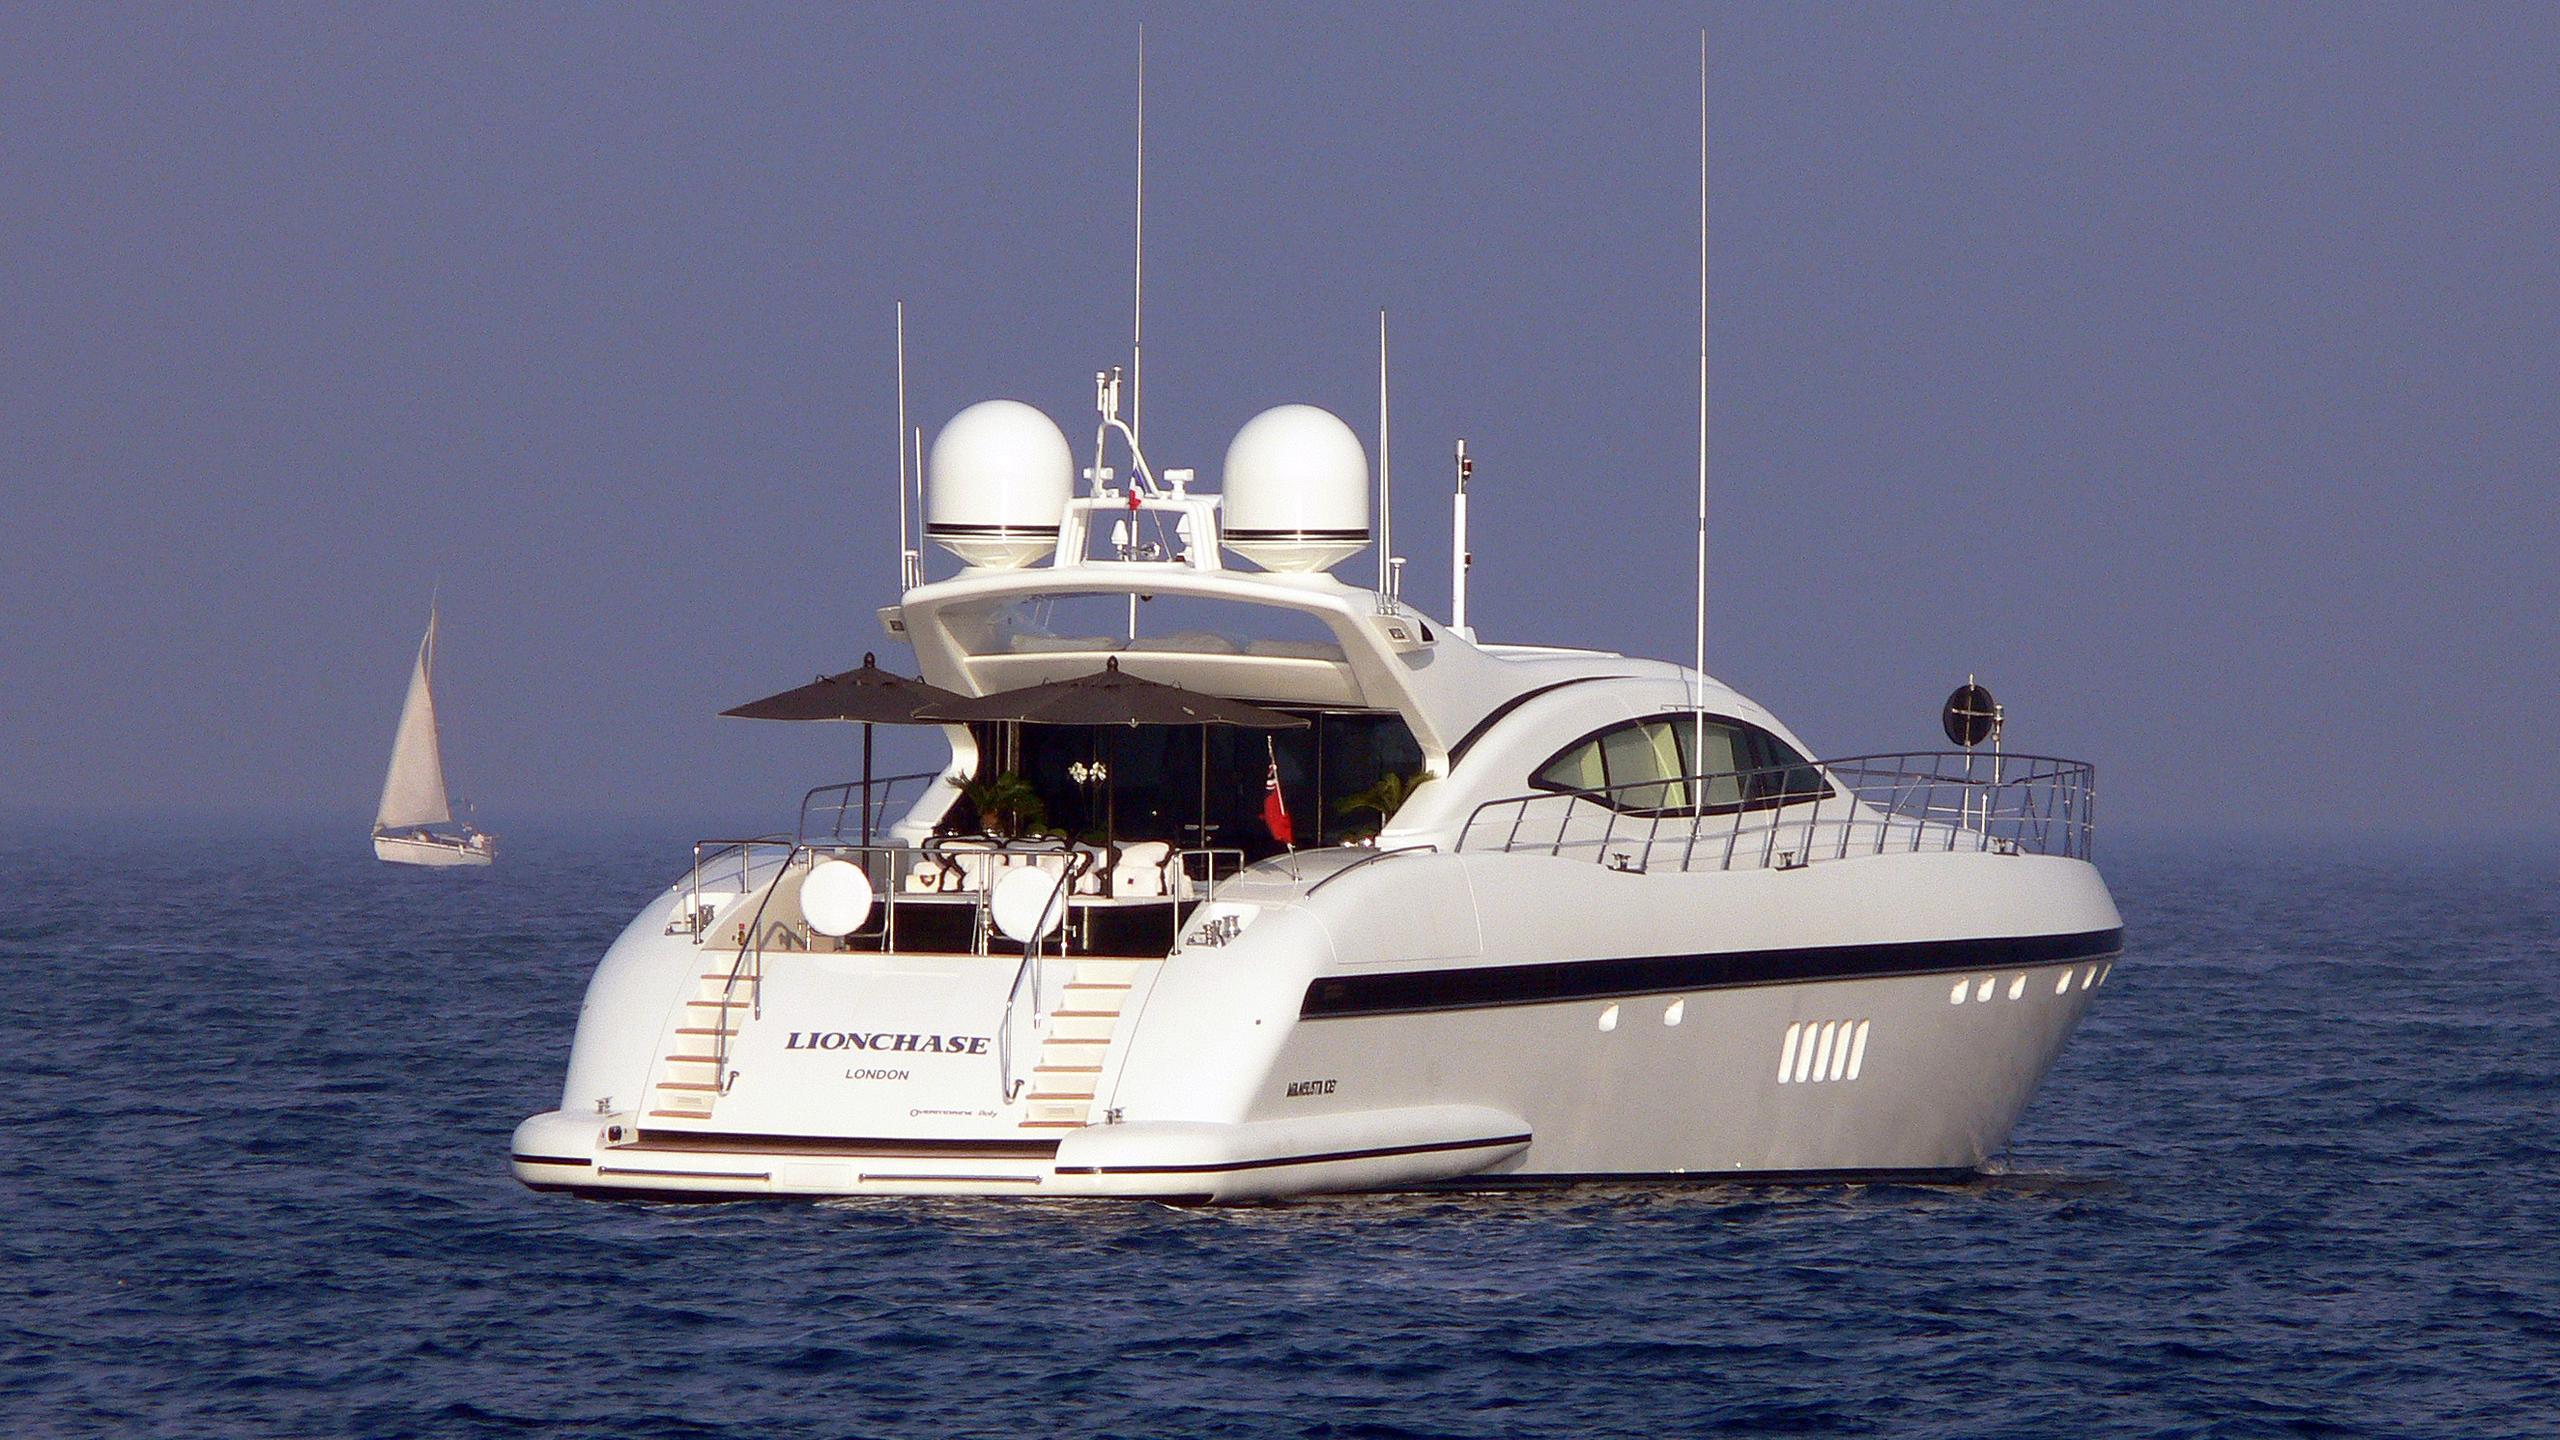 lion-chase-motor-yacht-overmarine-mangusta-108-sport-2008-33m-stern